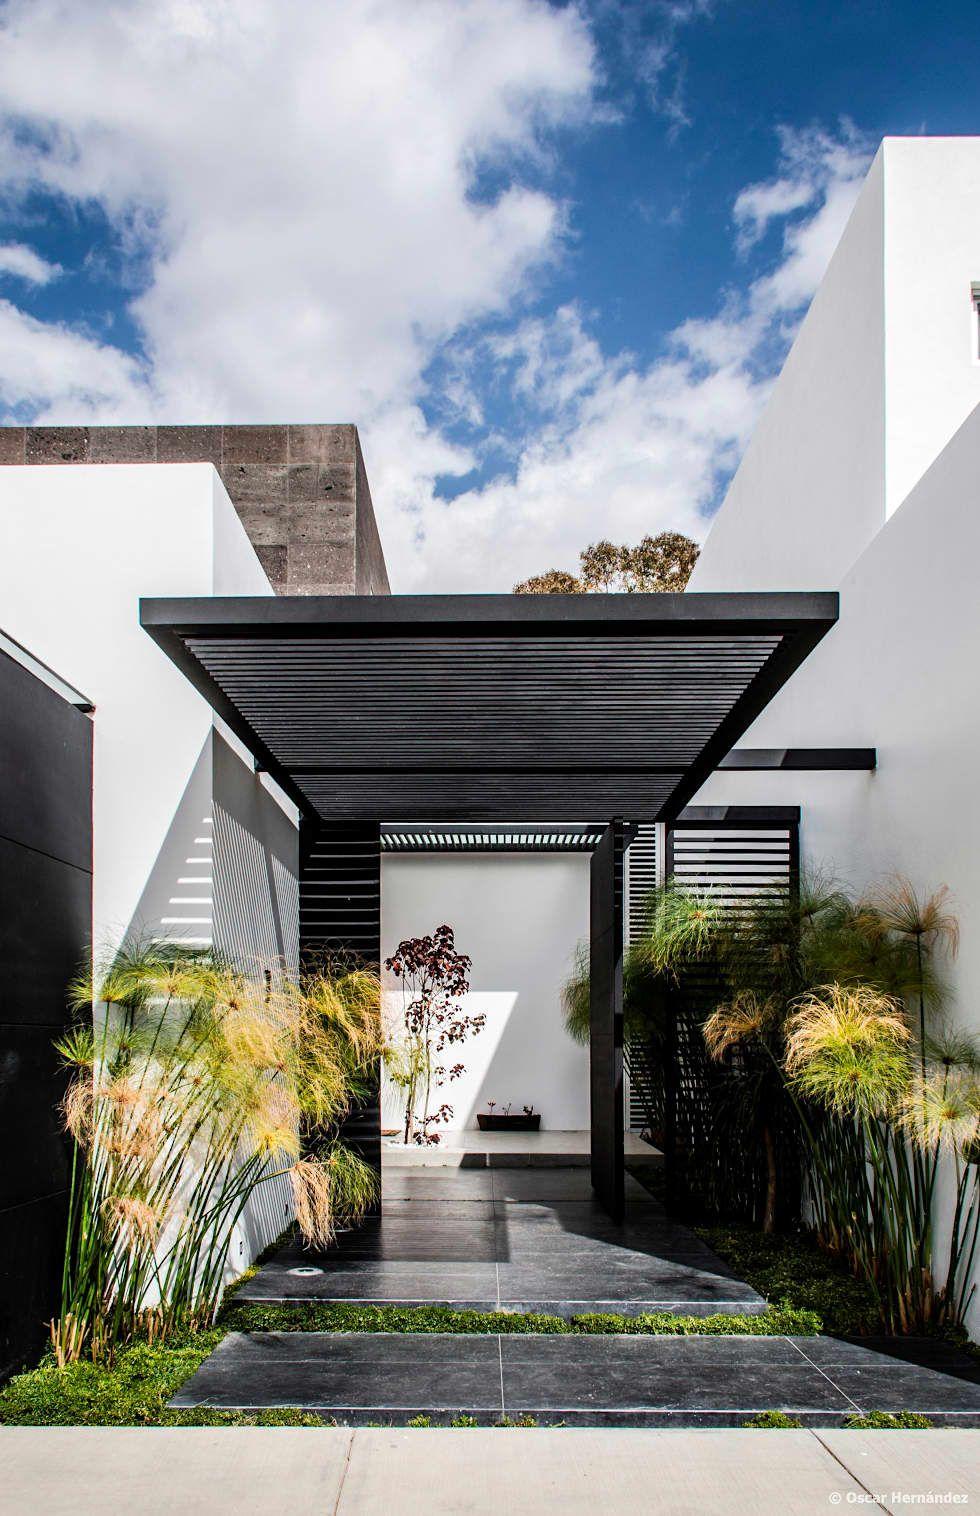 Arquitectura Casas Escaleras Exteriores Arquitectura: Casamezquite De Bag Arquitectura Moderno Hierro/acero